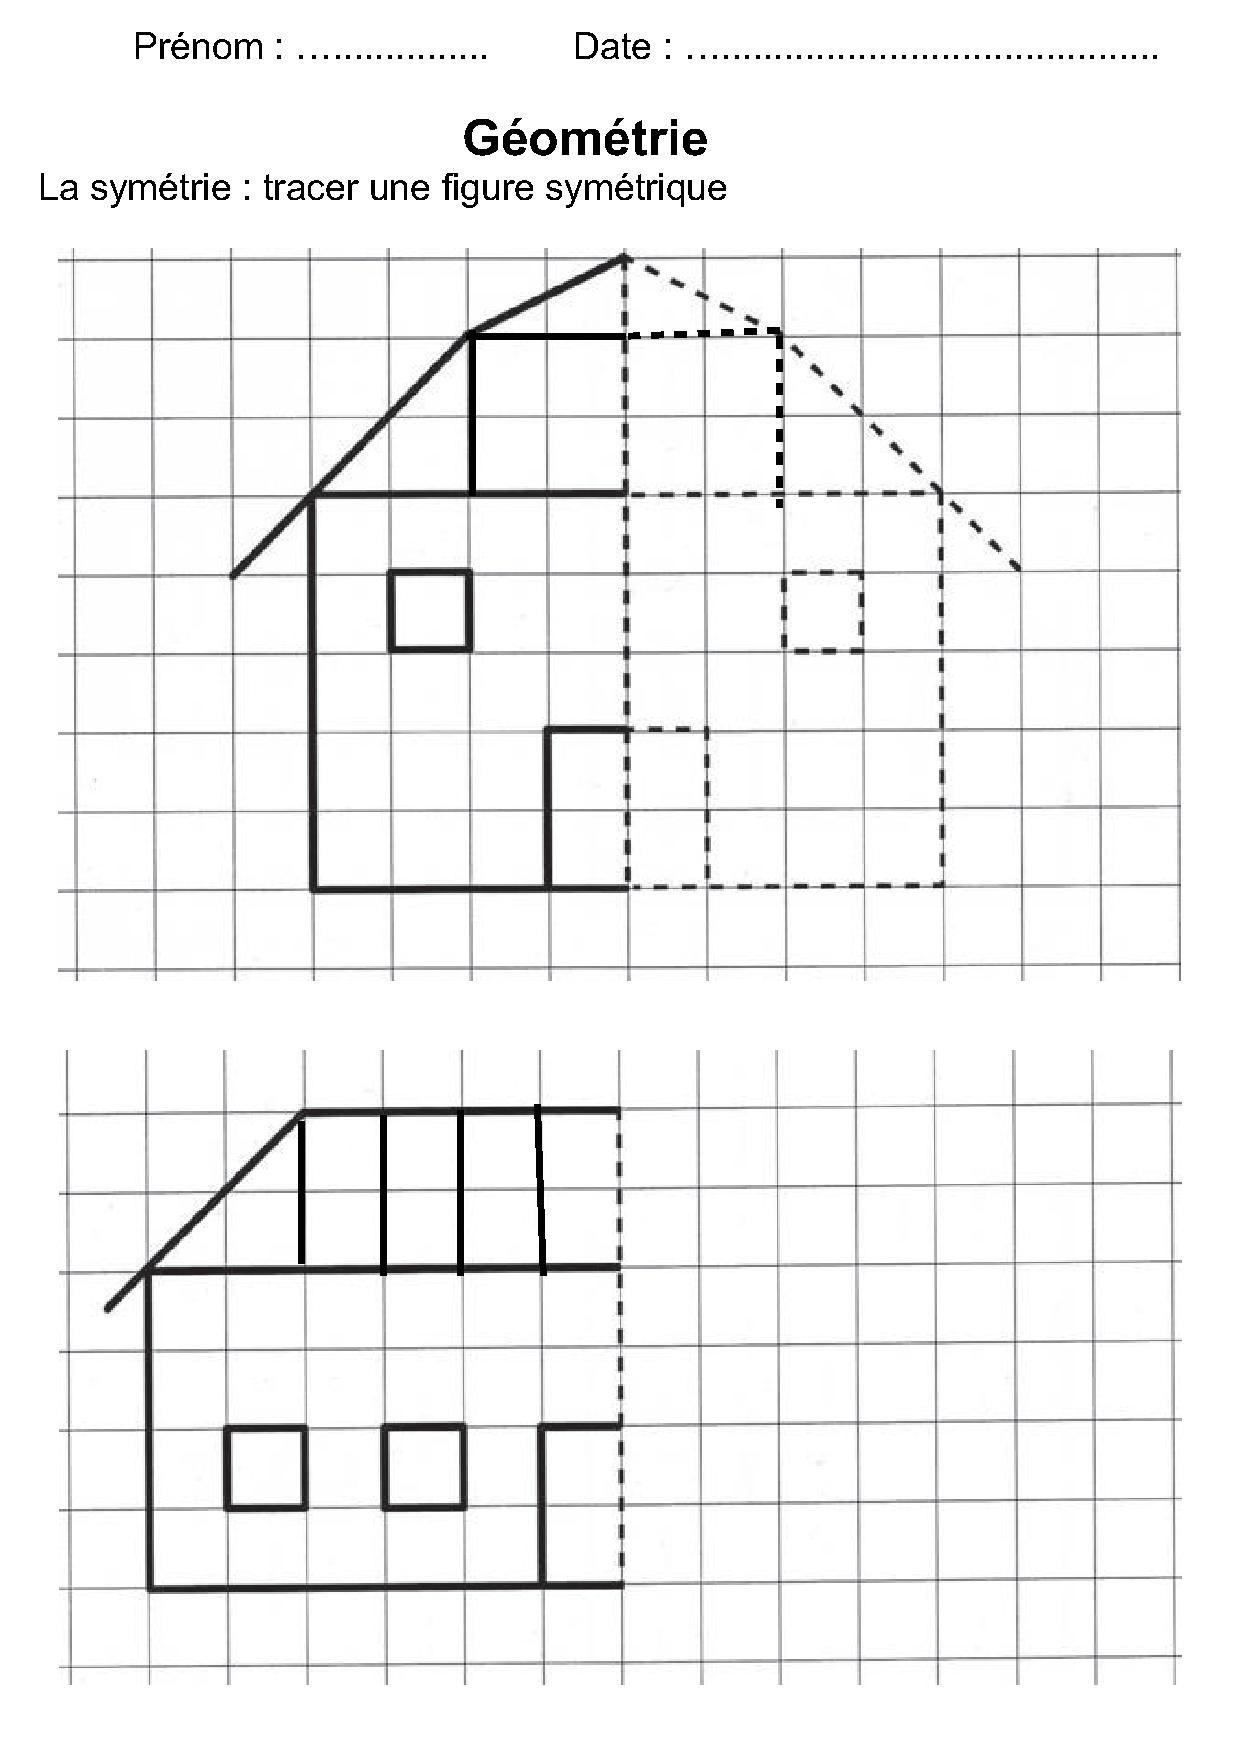 Géométrie Ce1,ce2,la Symétrie,reproduire Une Figure à Symétrie Ce1 Exercices